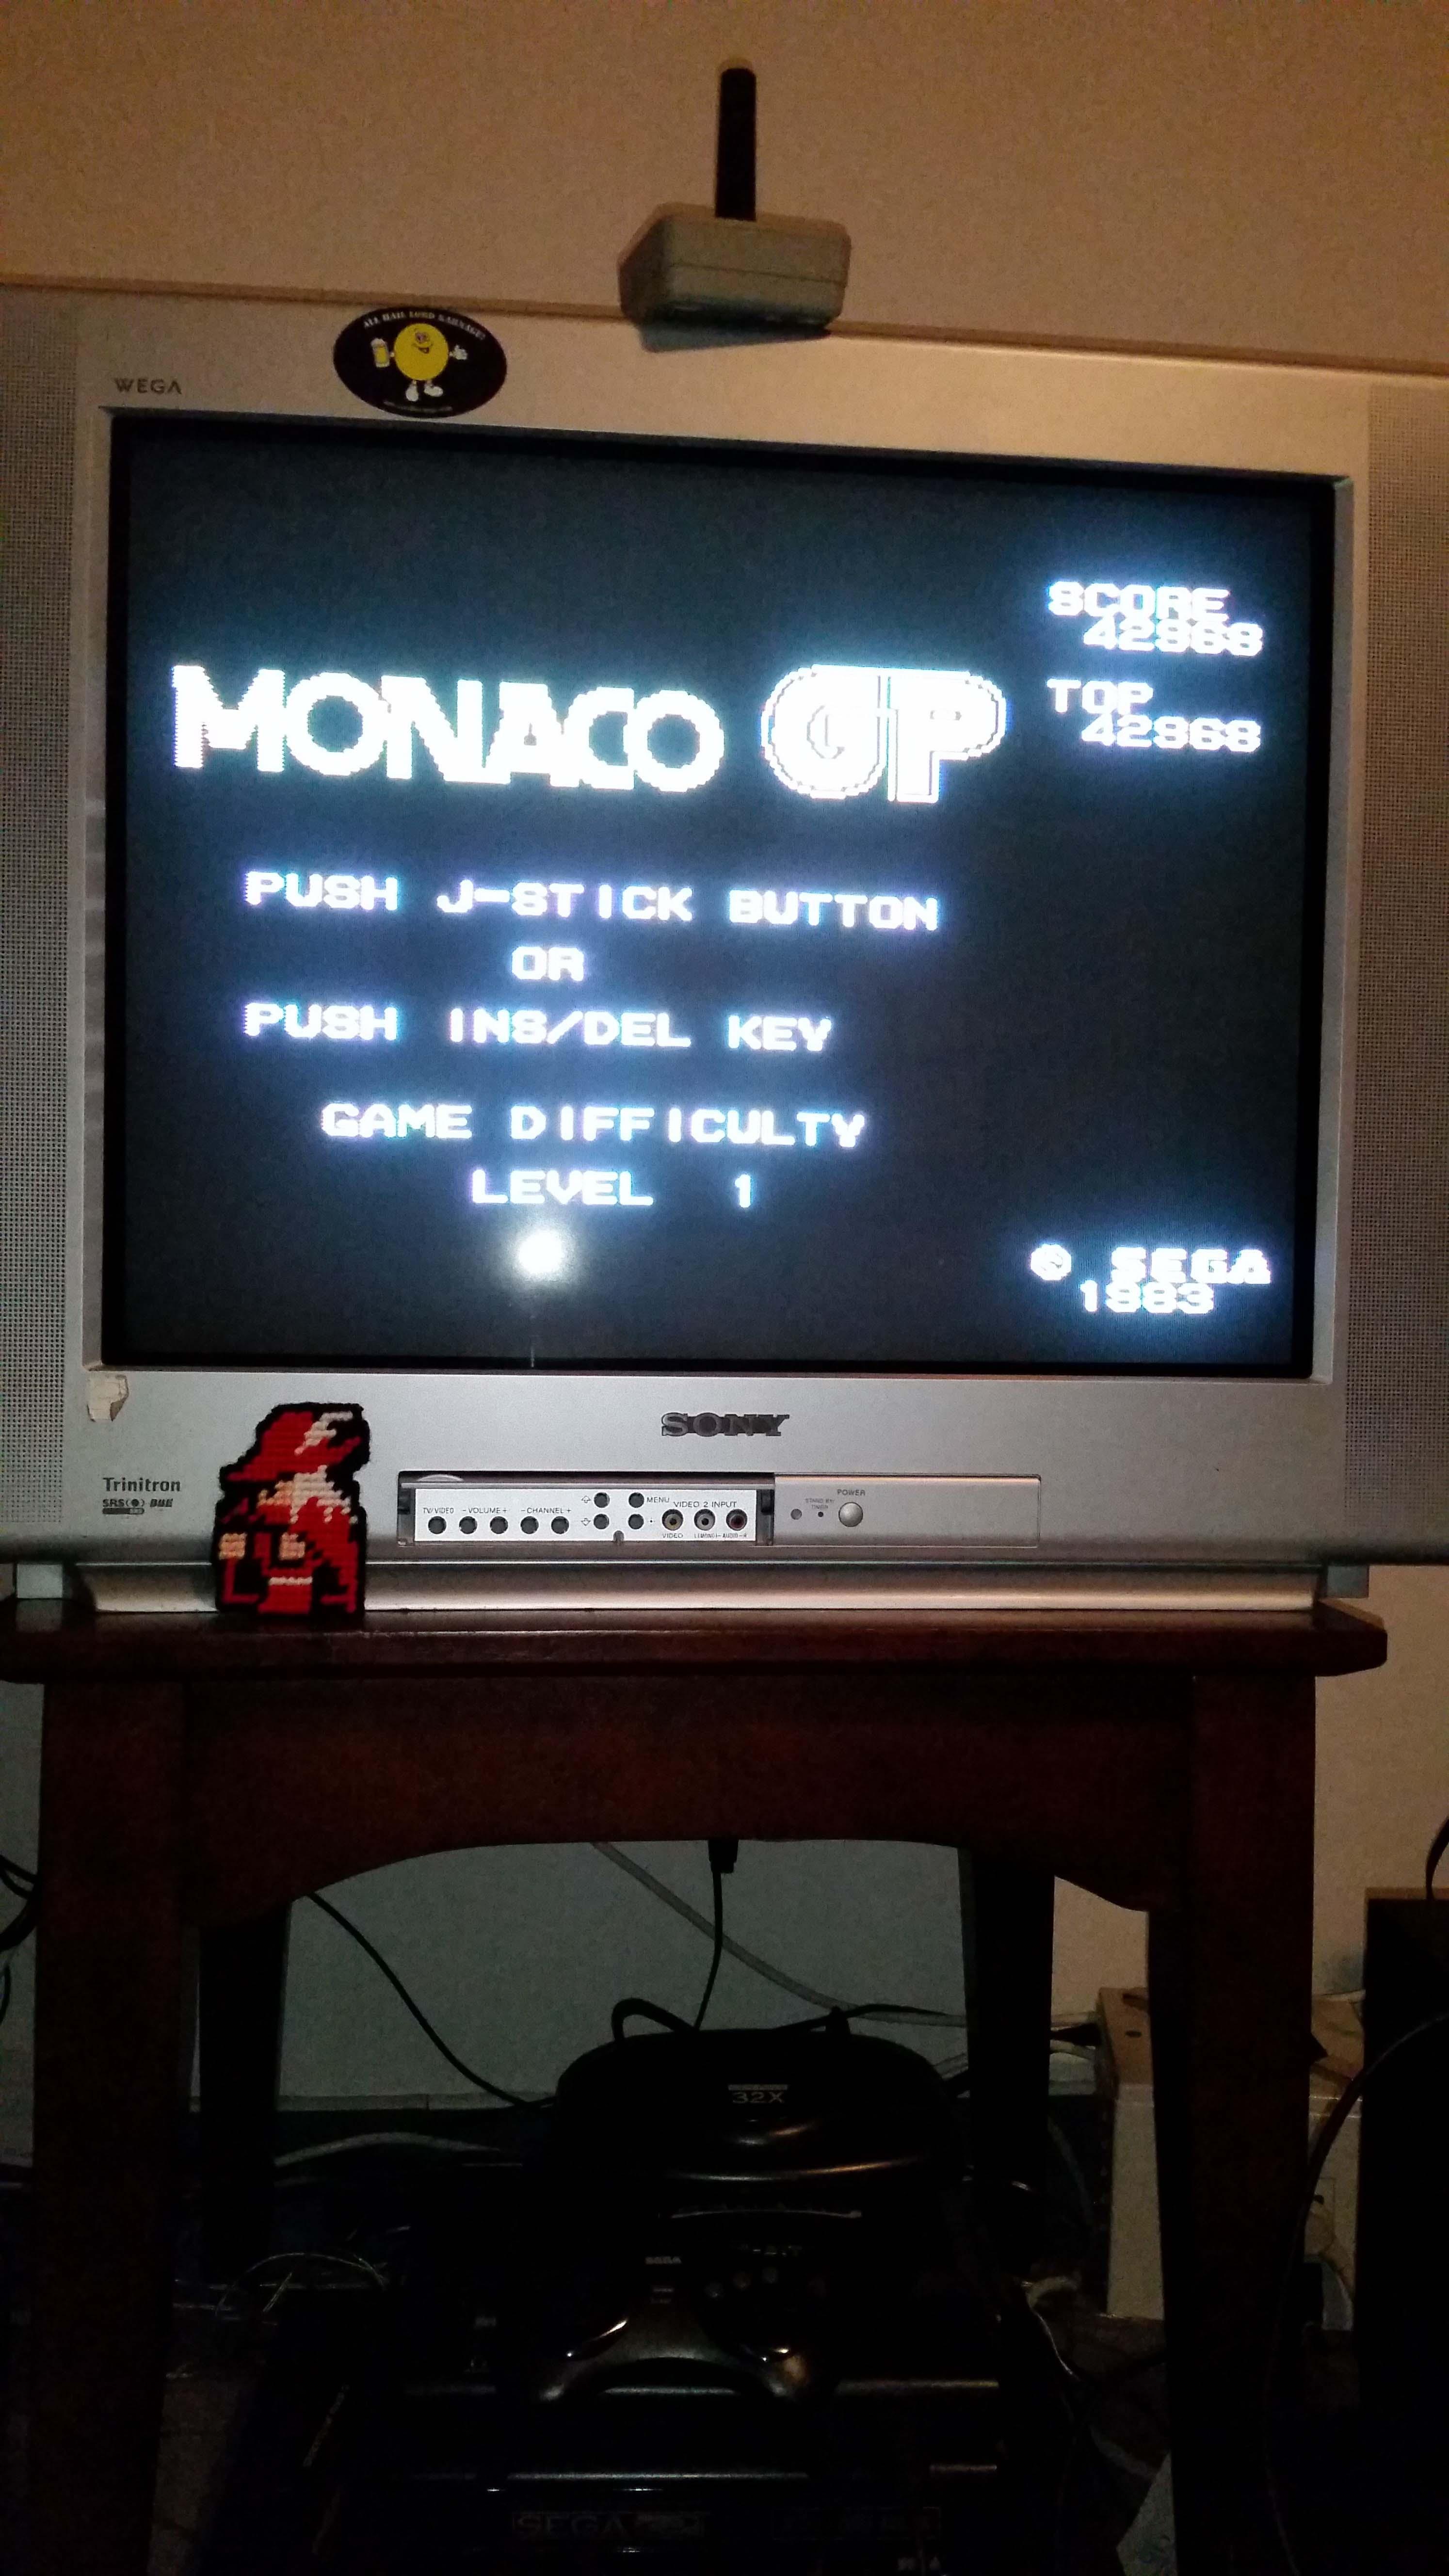 Monaco GP [Level 1] 42,968 points